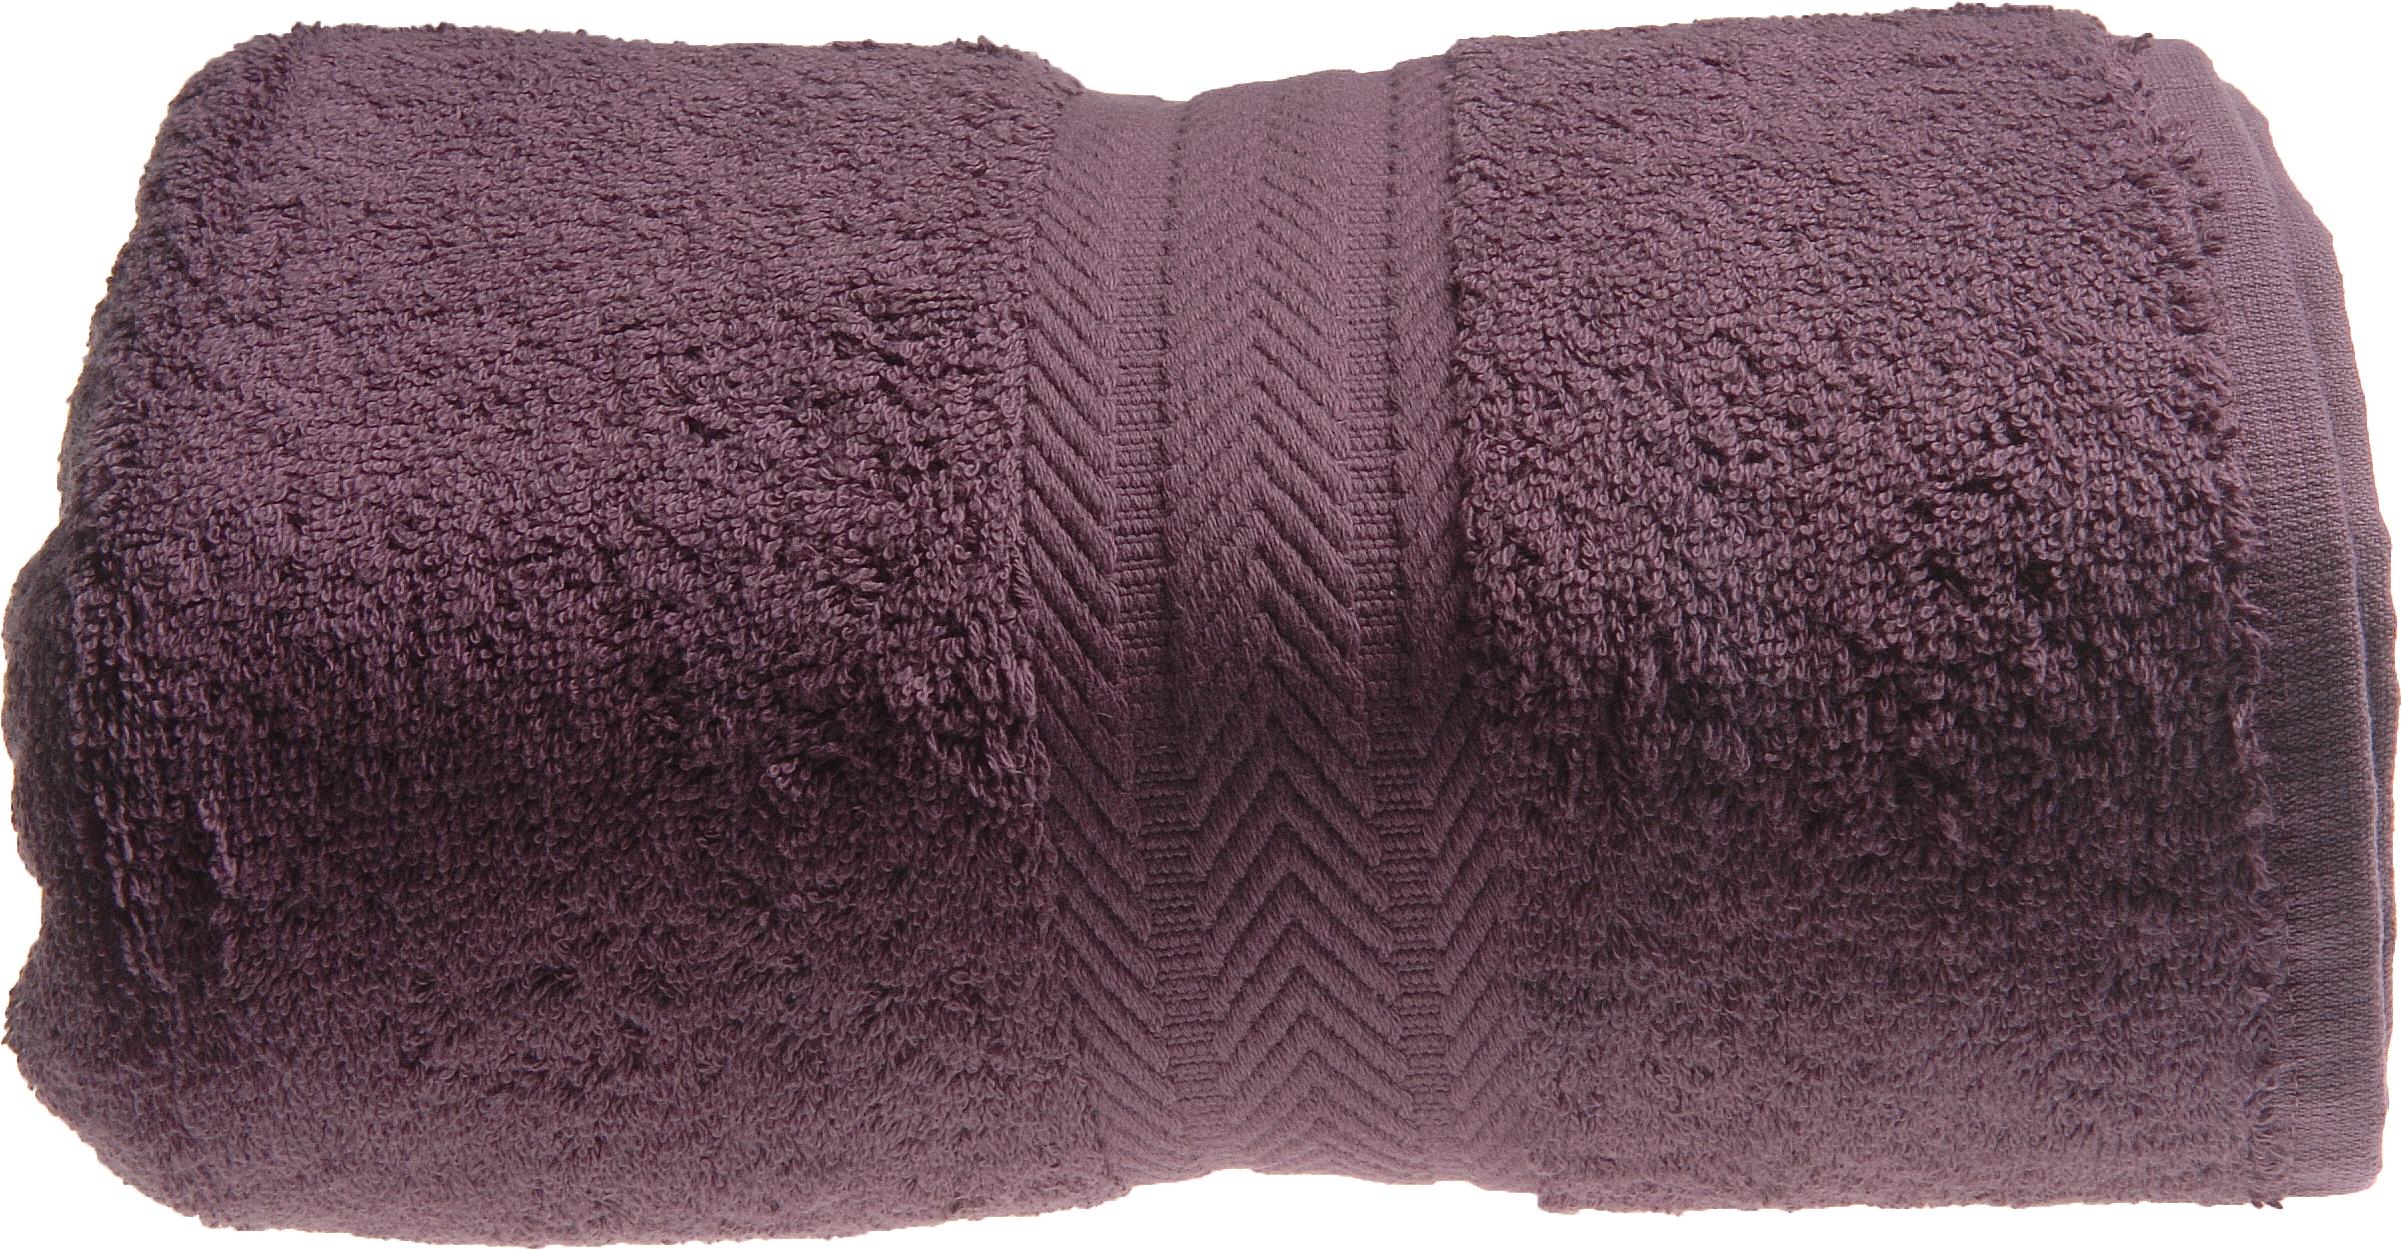 Drap de bain 100 x 150 cm en Coton couleur Myrtille (Myrtille)